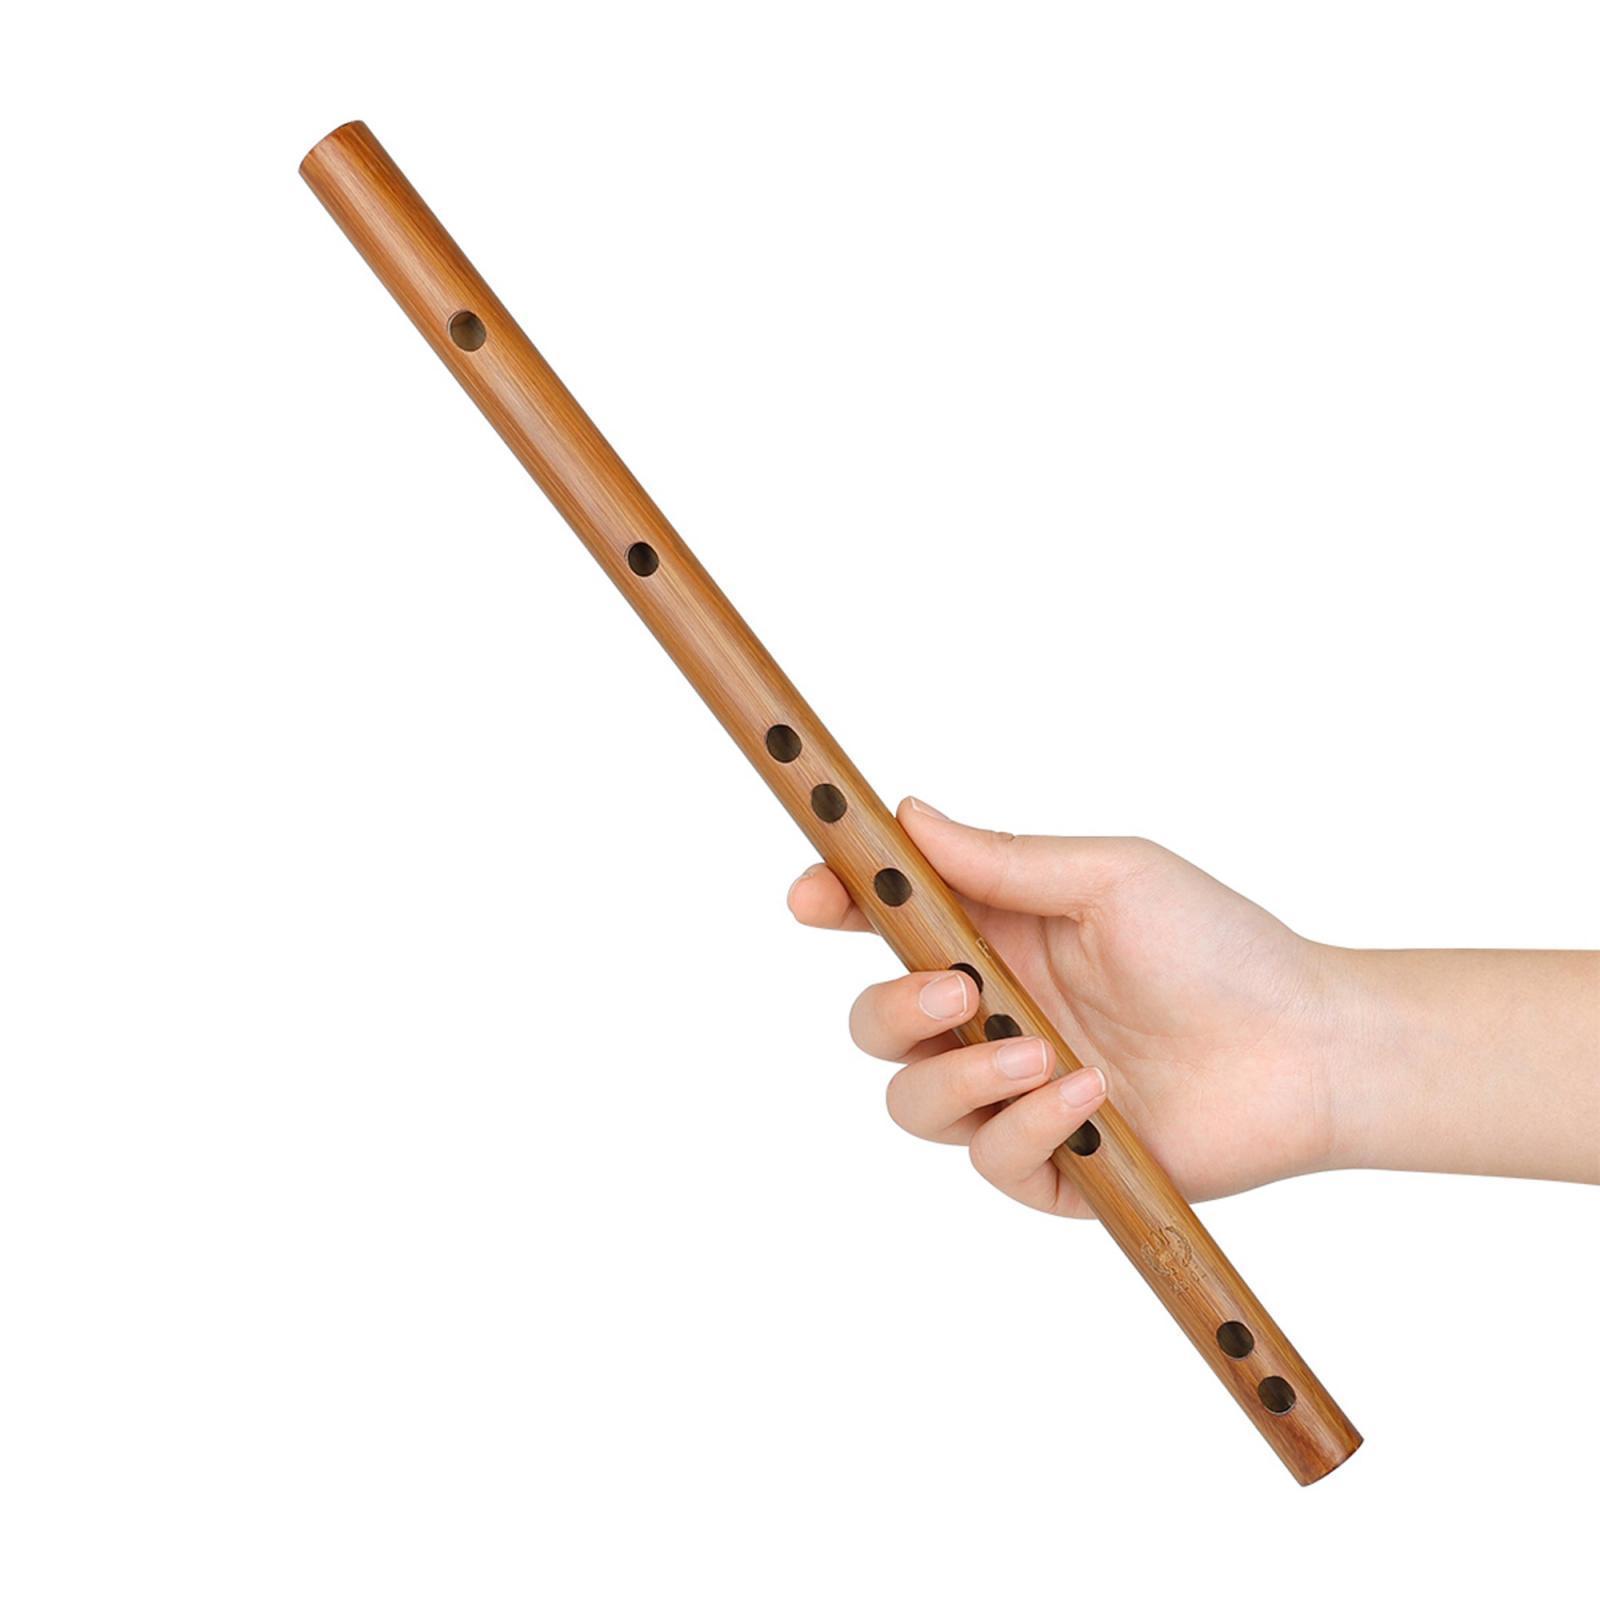 miniatura 44 - Unico-Indiano-di-Legno-Flauto-Strumento-Musicale-Registratore-Bansuri-Regalo